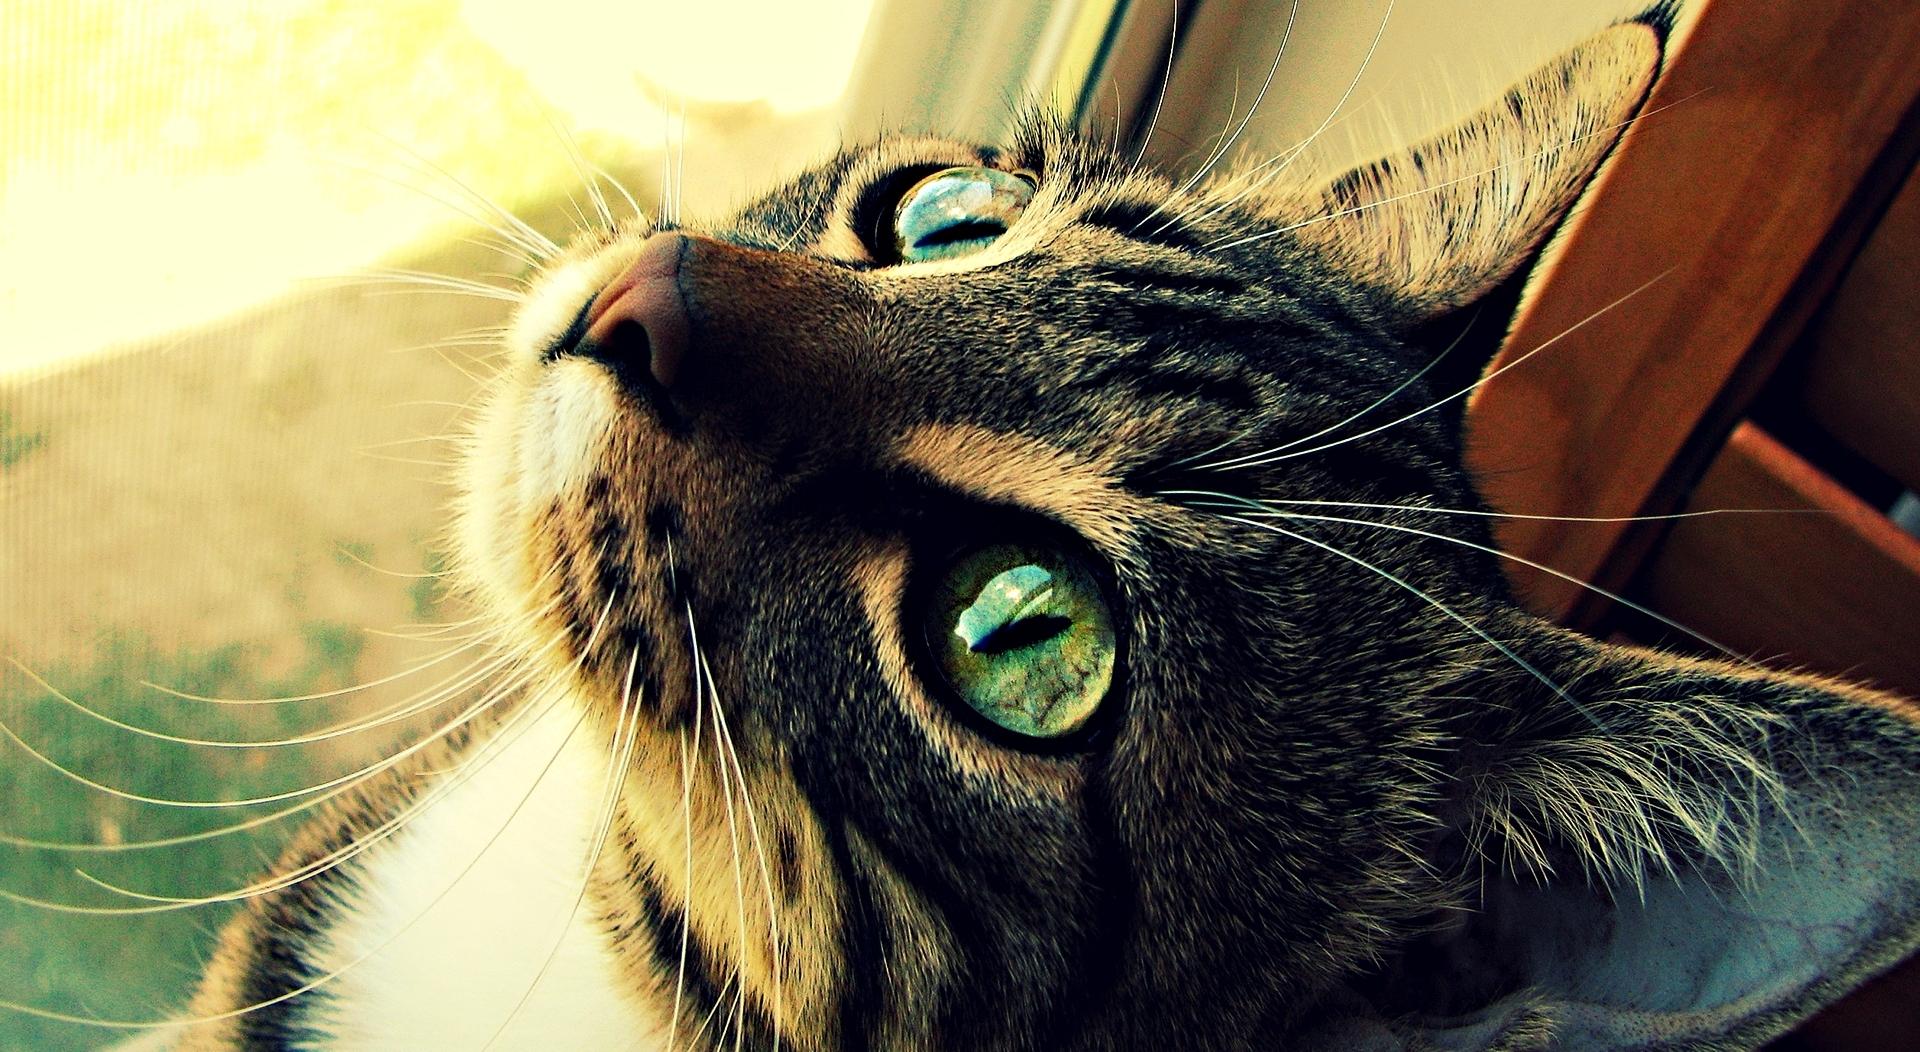 Картинки котов на аватарку